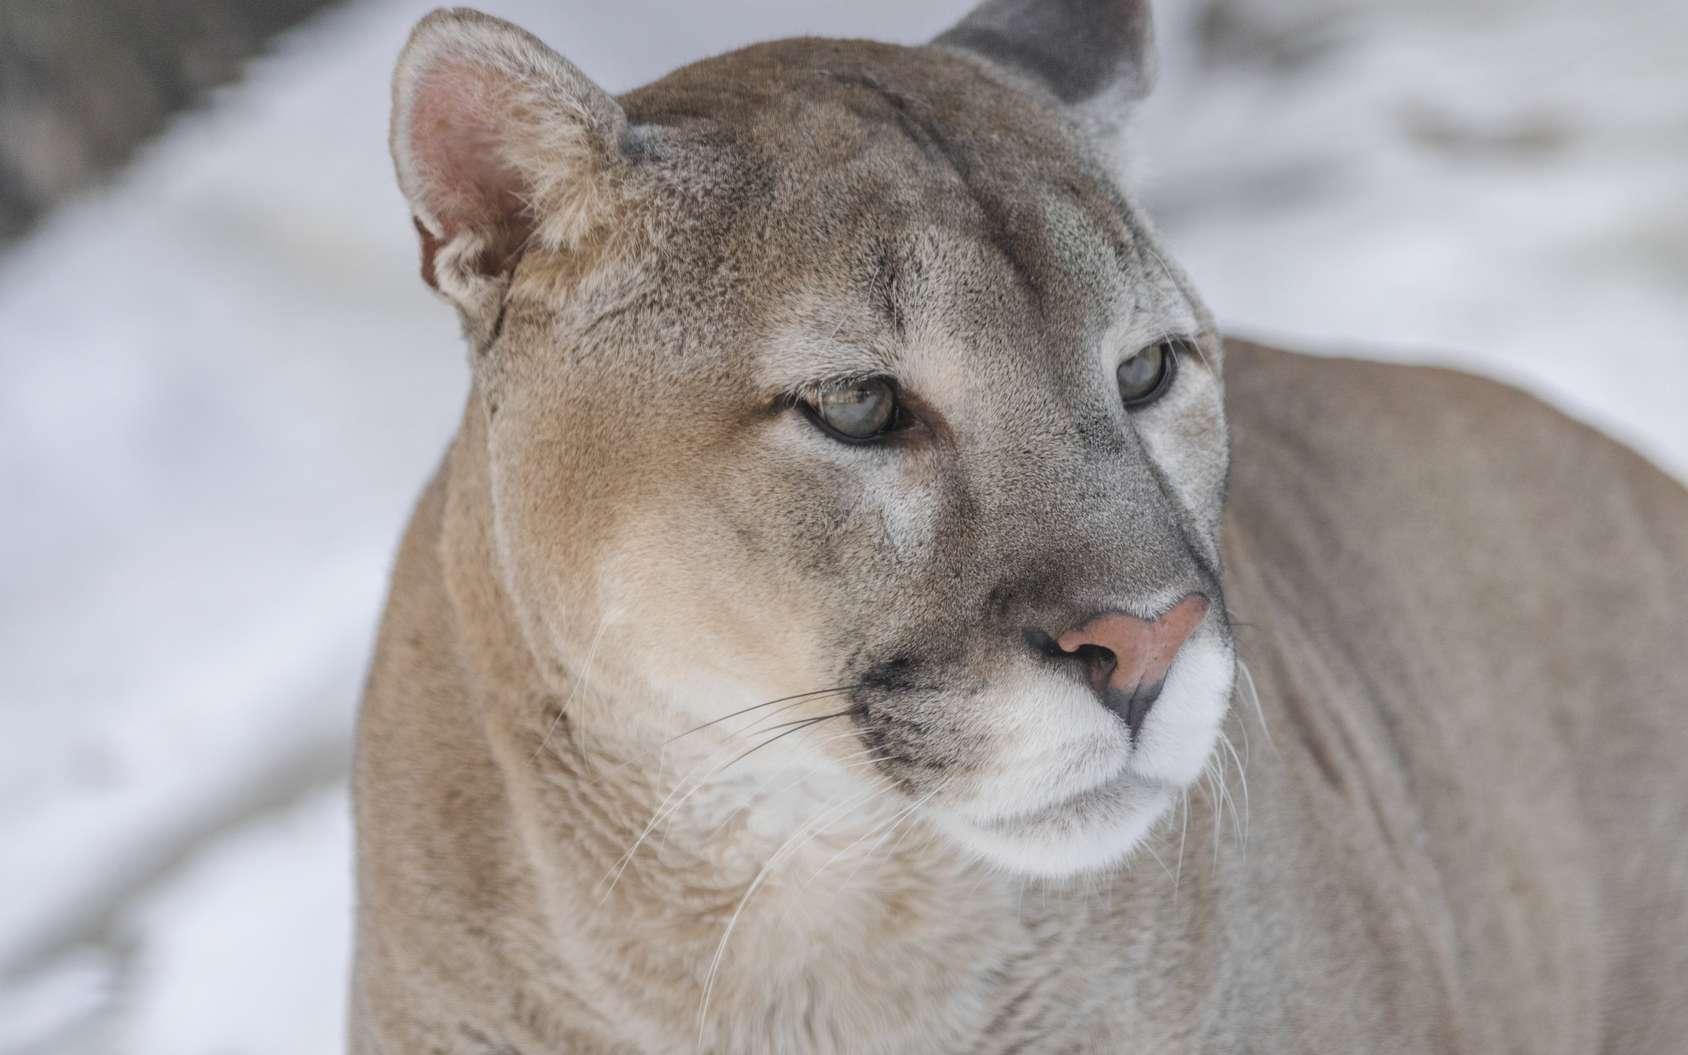 Beau portrait d'un puma (Puma concolor couguar). © Martin, fotolia